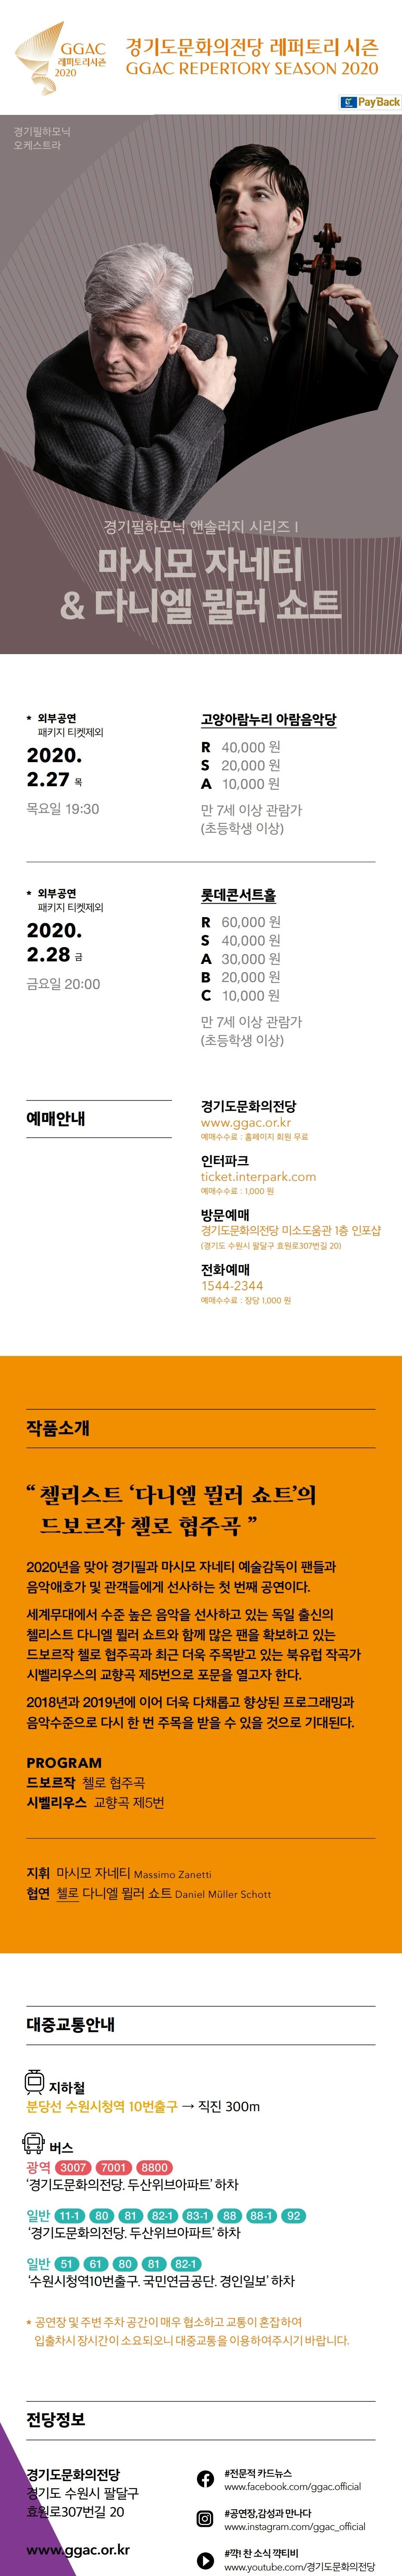 경기필하모닉 2020 앤솔러지 시리즈 I <마시모 자네티&다니엘 뮐러 쇼트> - 서울